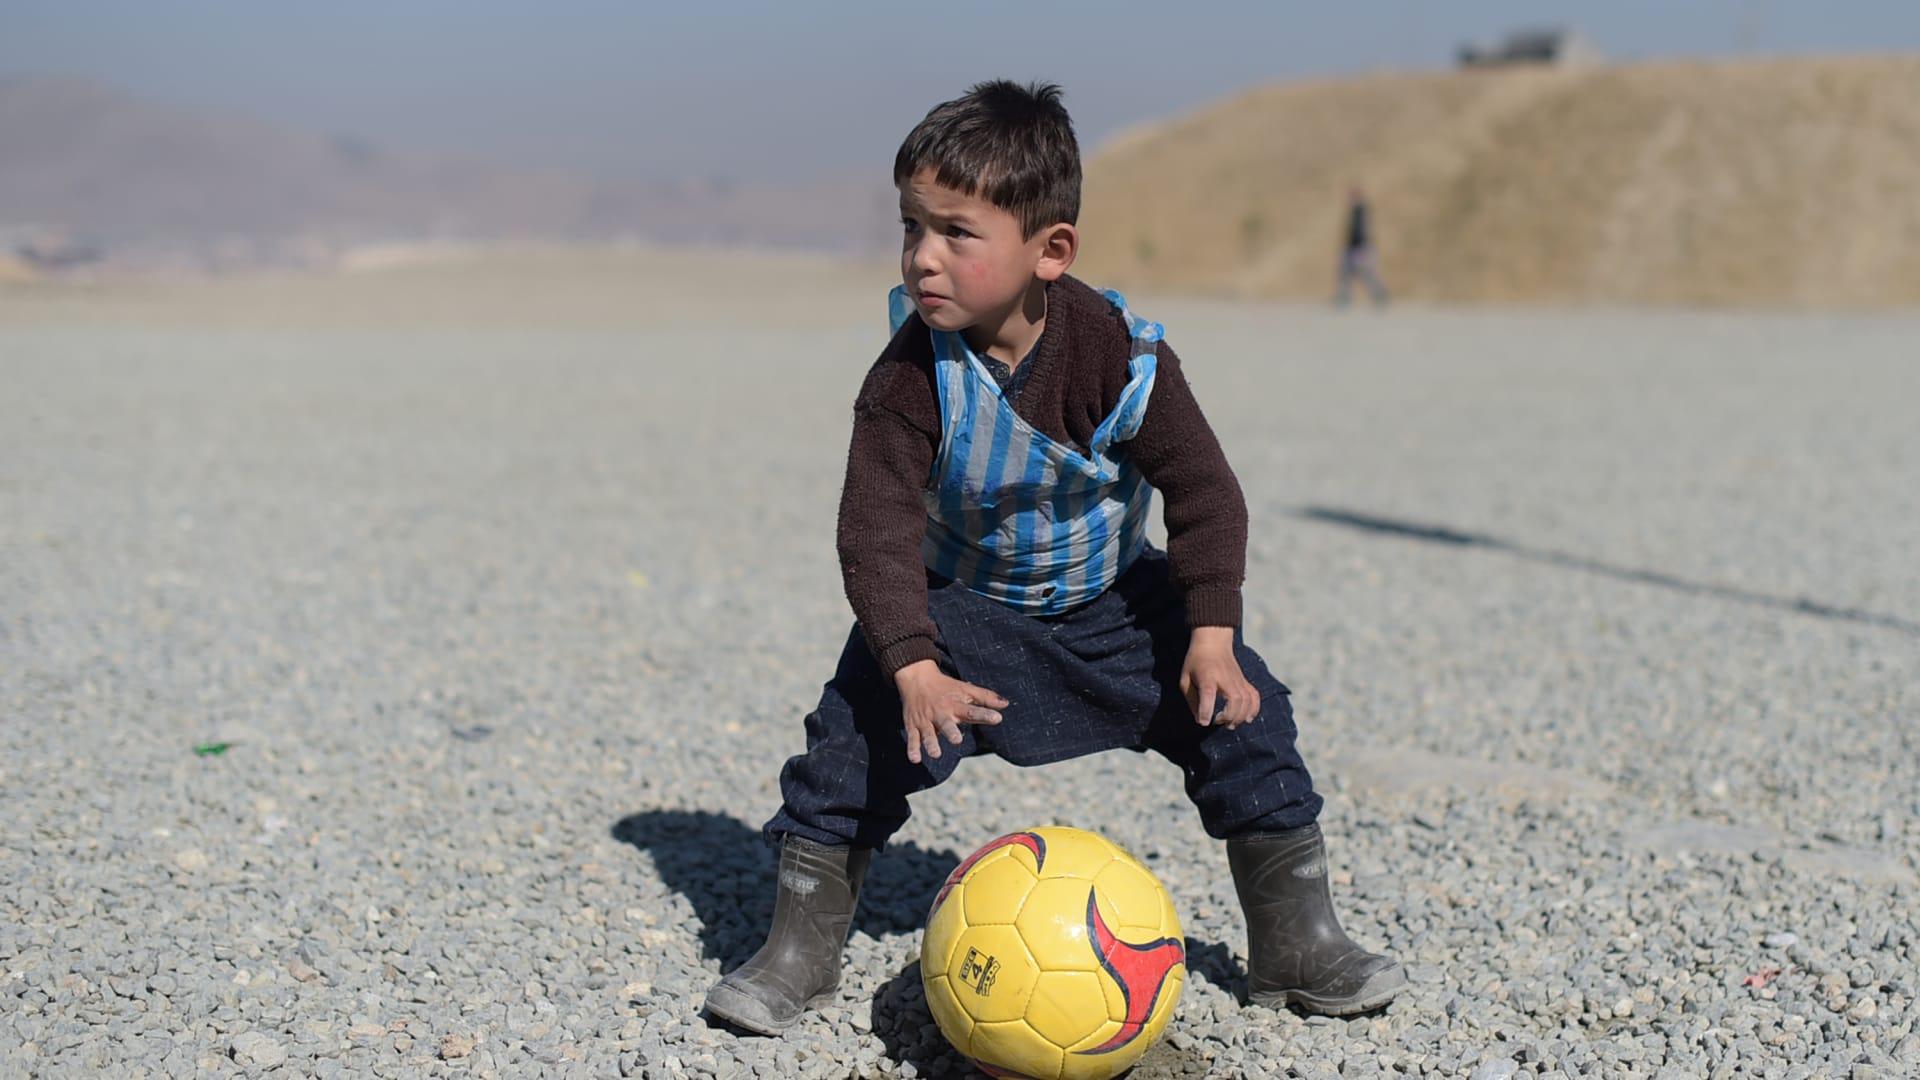 الطفل ميسي يناشد قدوته من جديد: أخرجني من أفغانستان